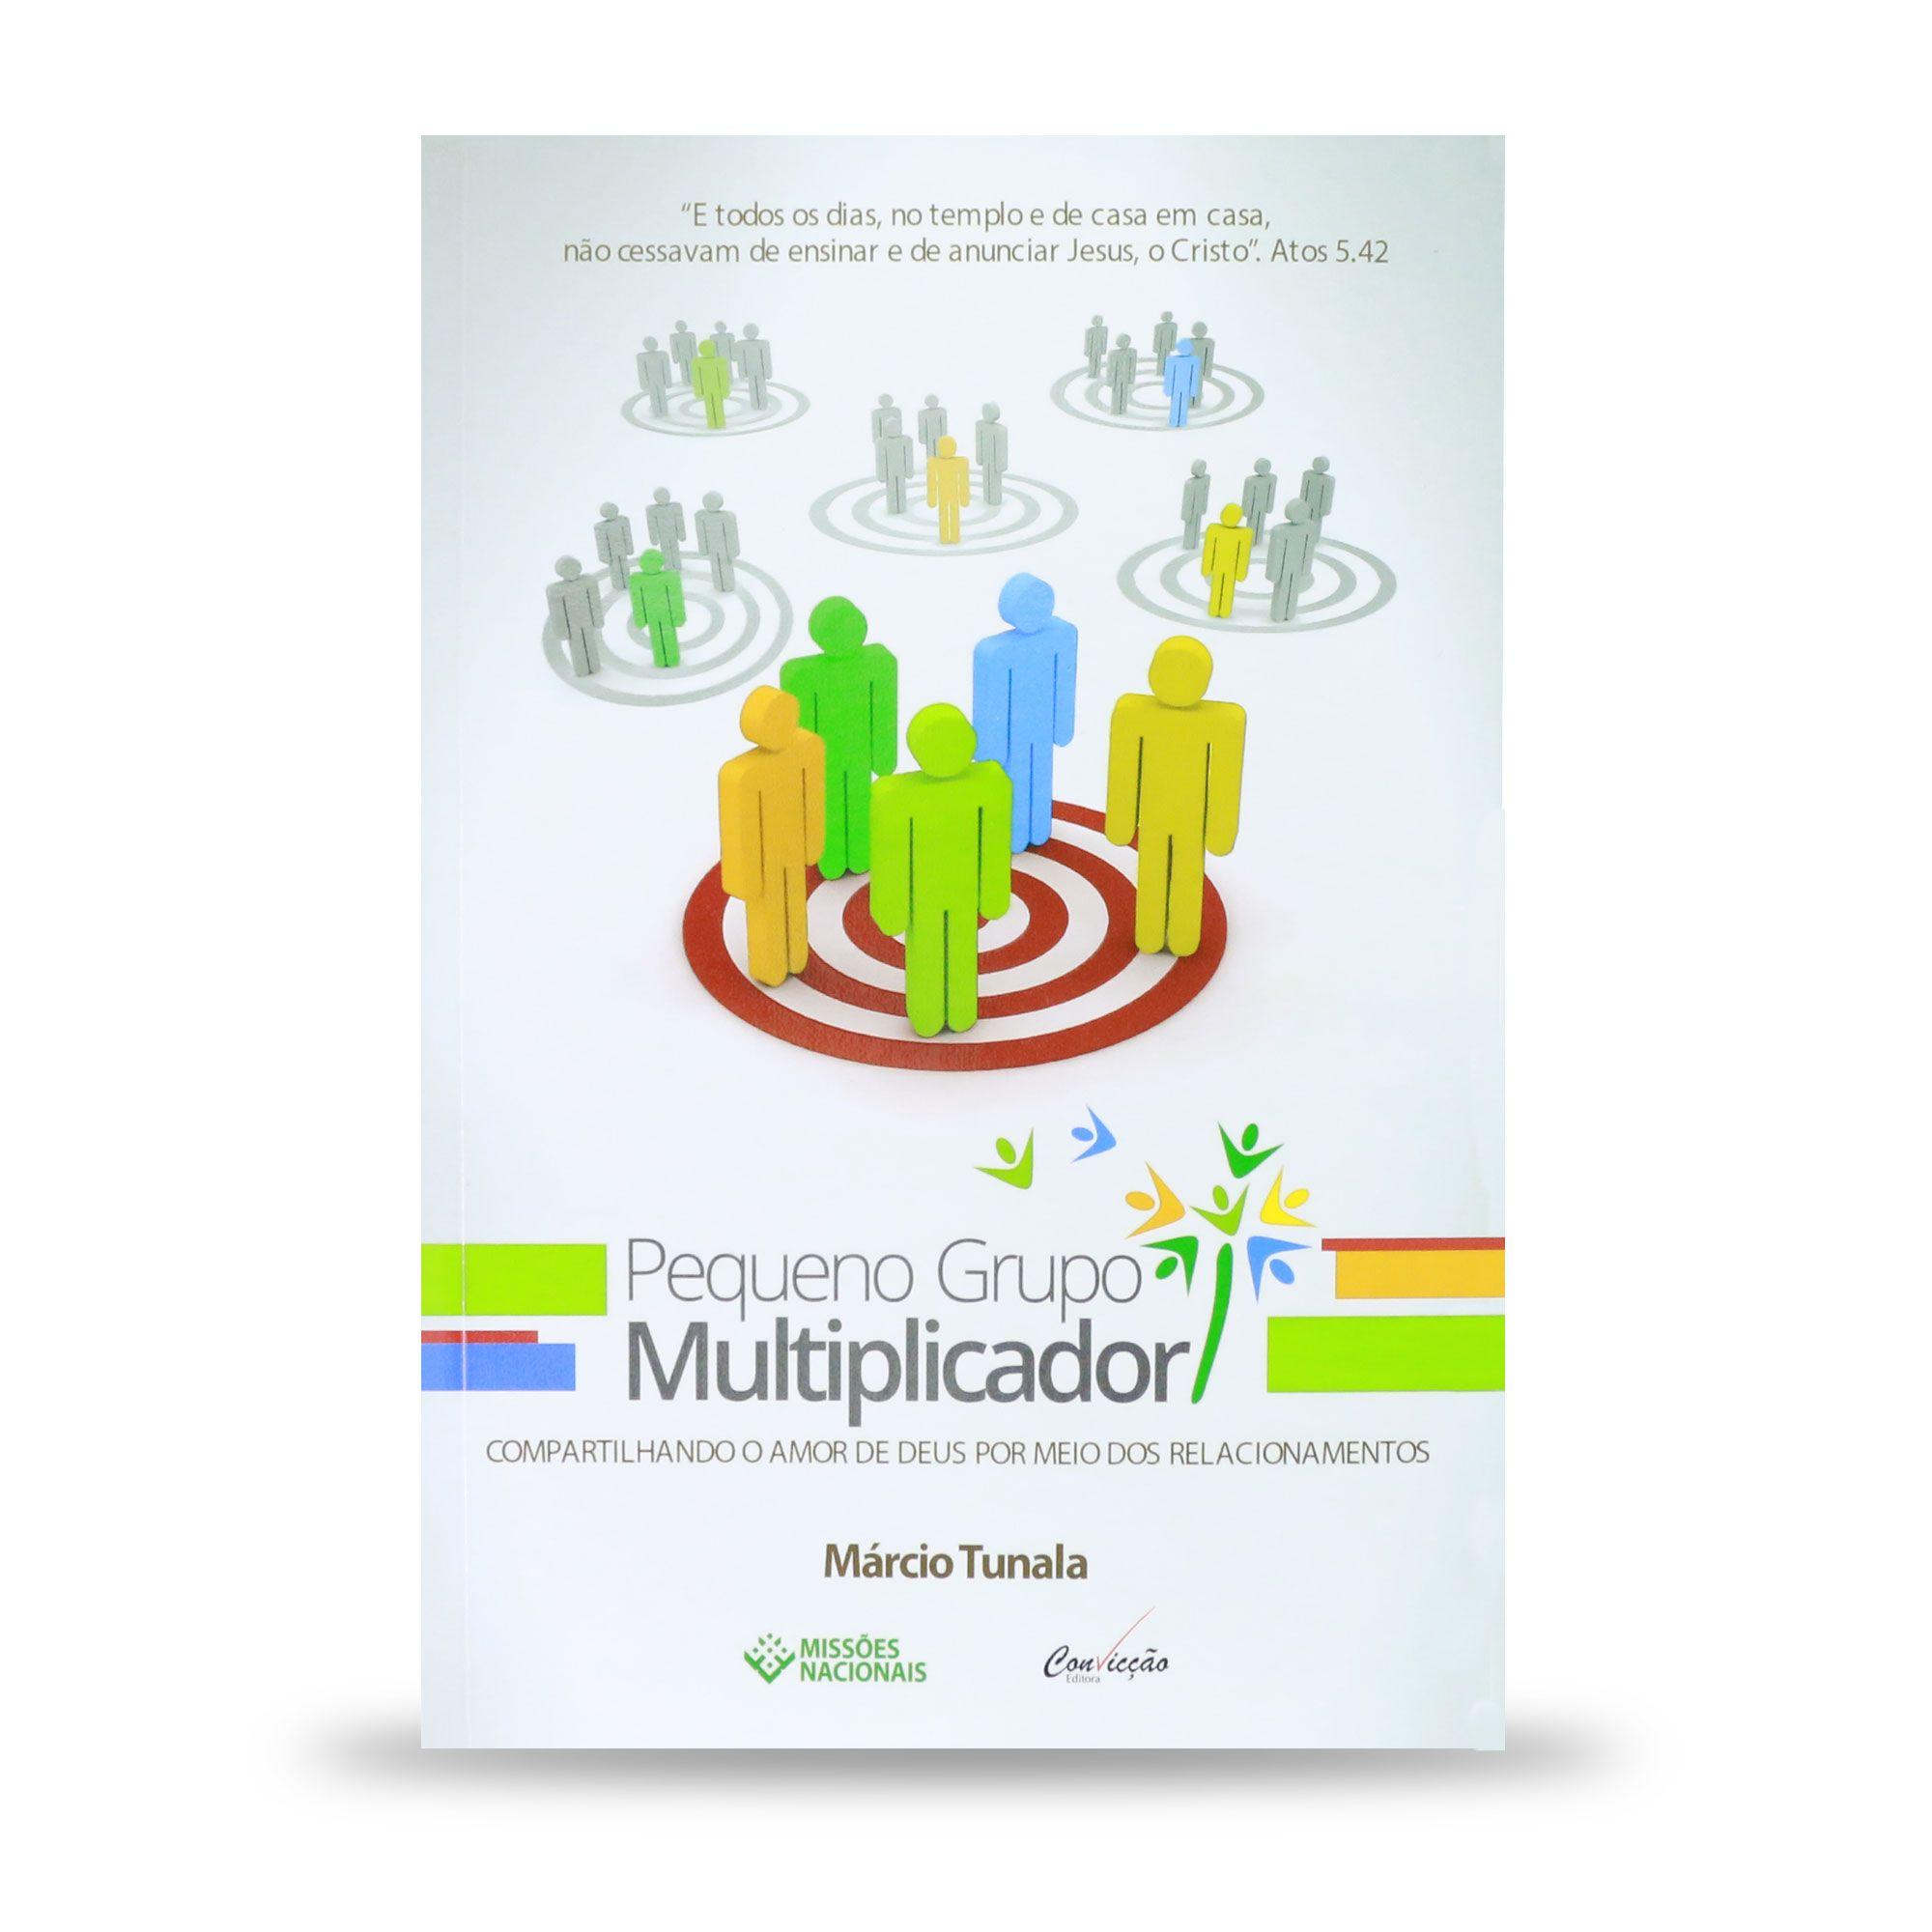 Pequenos Grupos Multiplicadores - Compartilhando o amor de Deus por meio dos relacionamentos.